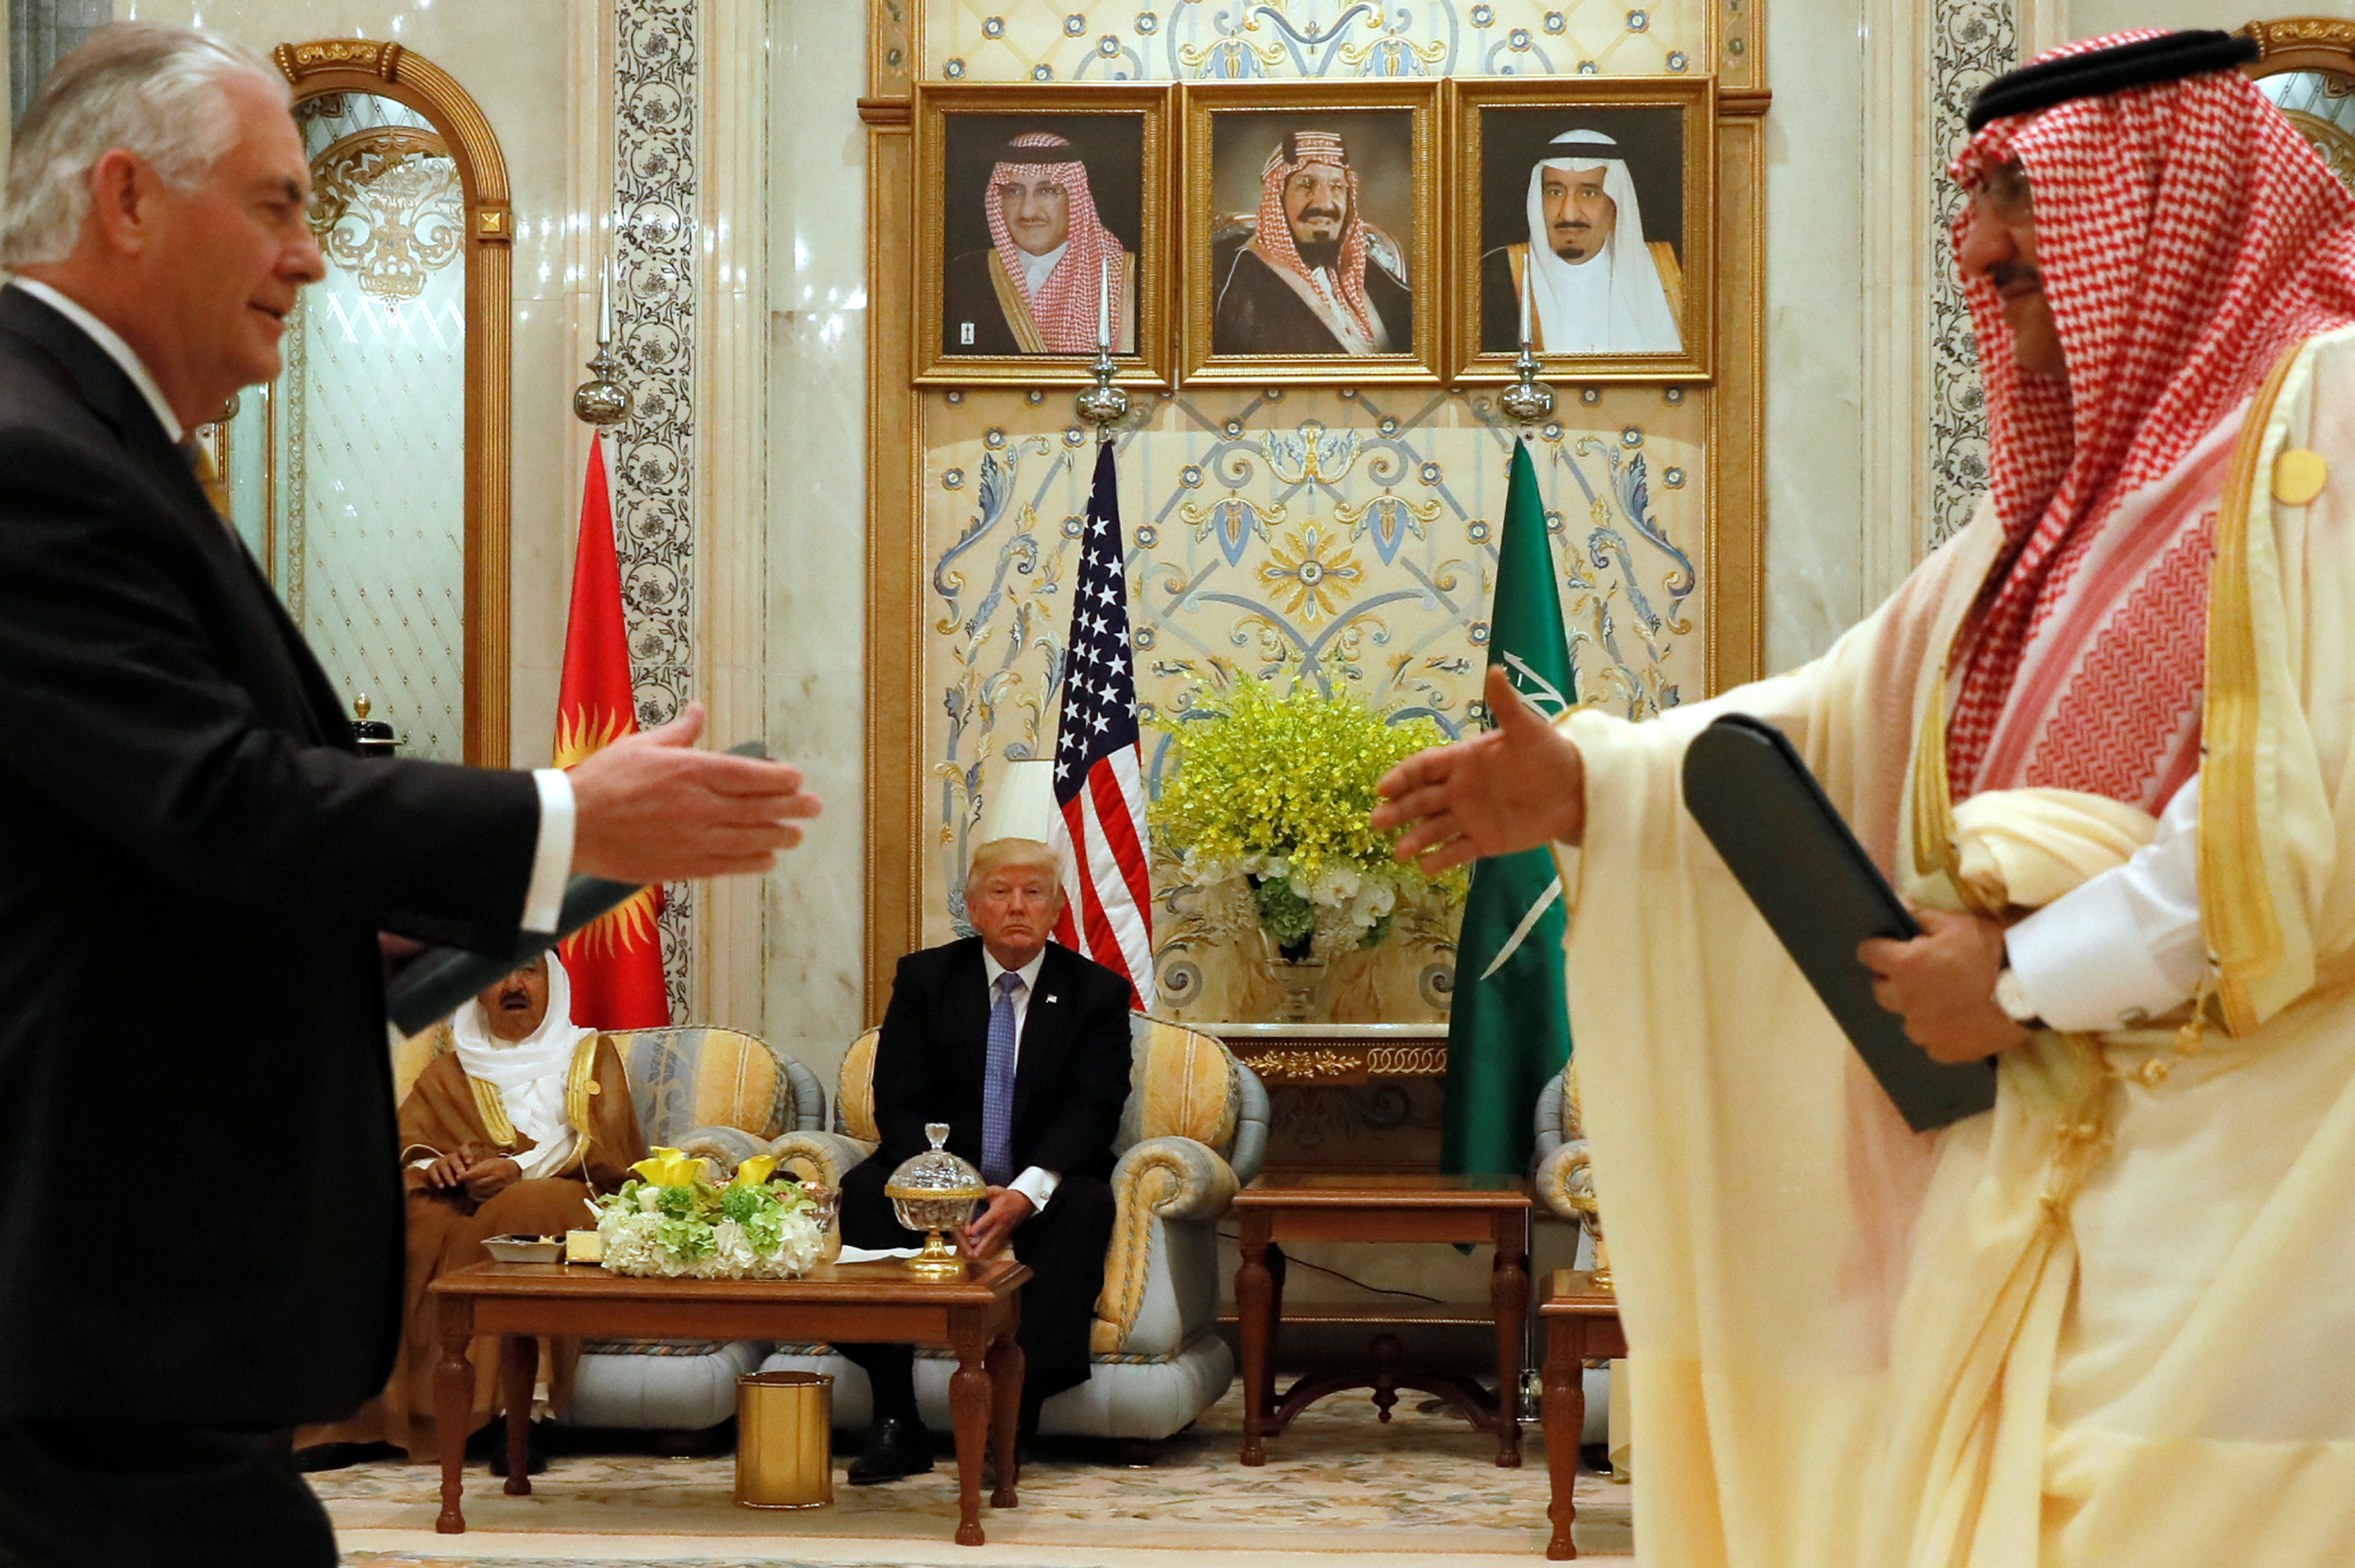 مجلس التعاون الخليجى والولايات المتحدة الأمريكية يوقعان مذكرة تفاهم بشأن تجفيف منابع الإرهاب